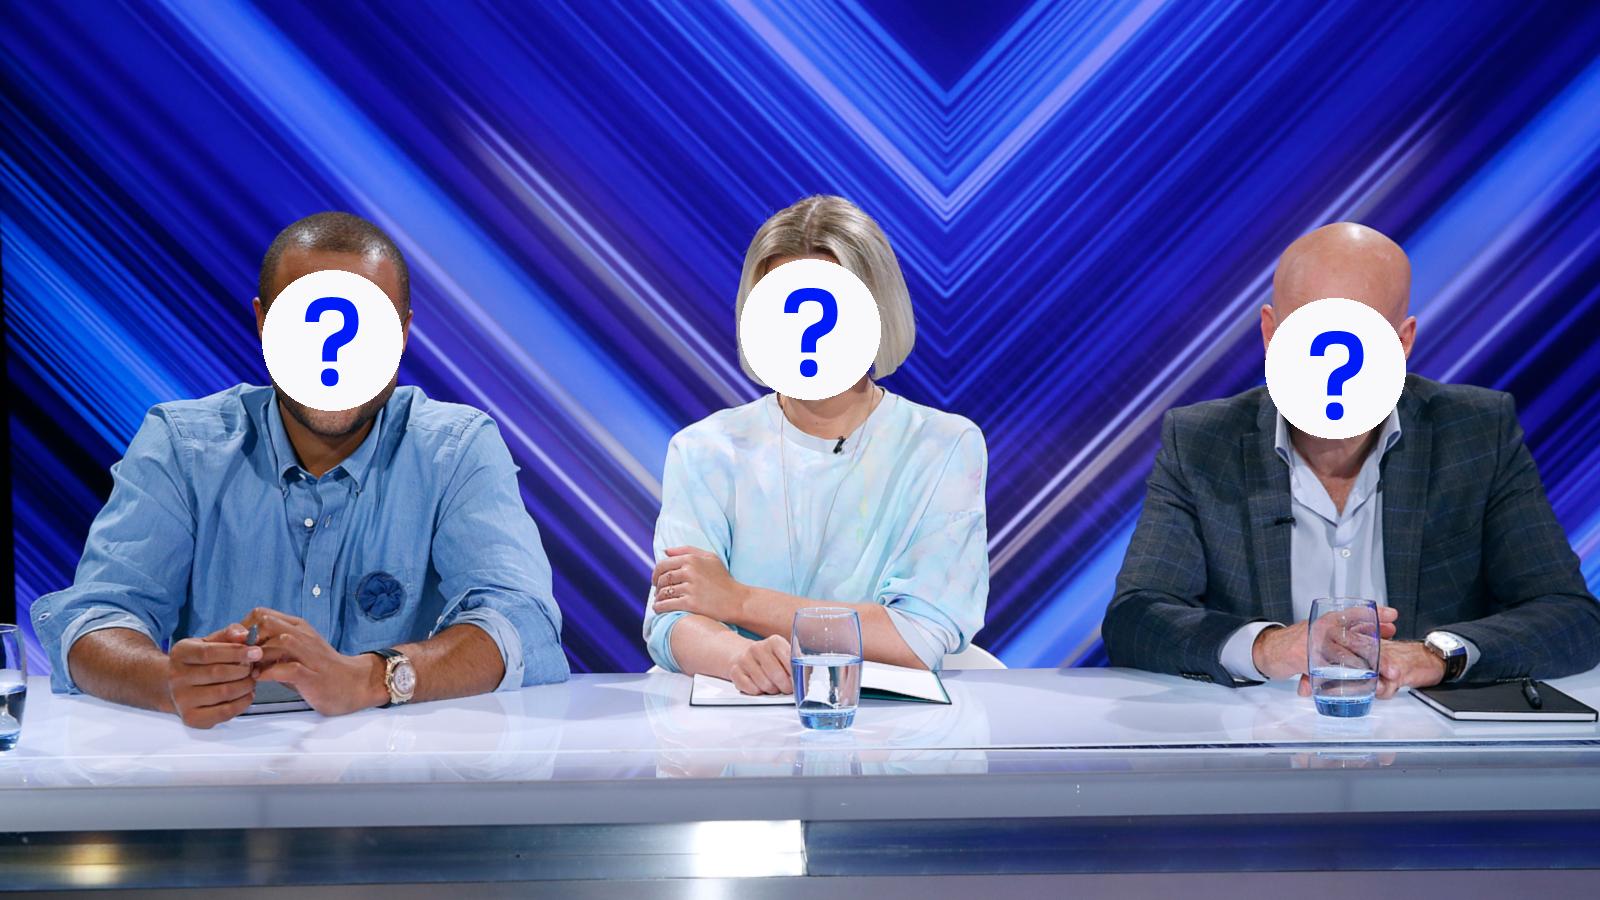 X Factors dommere